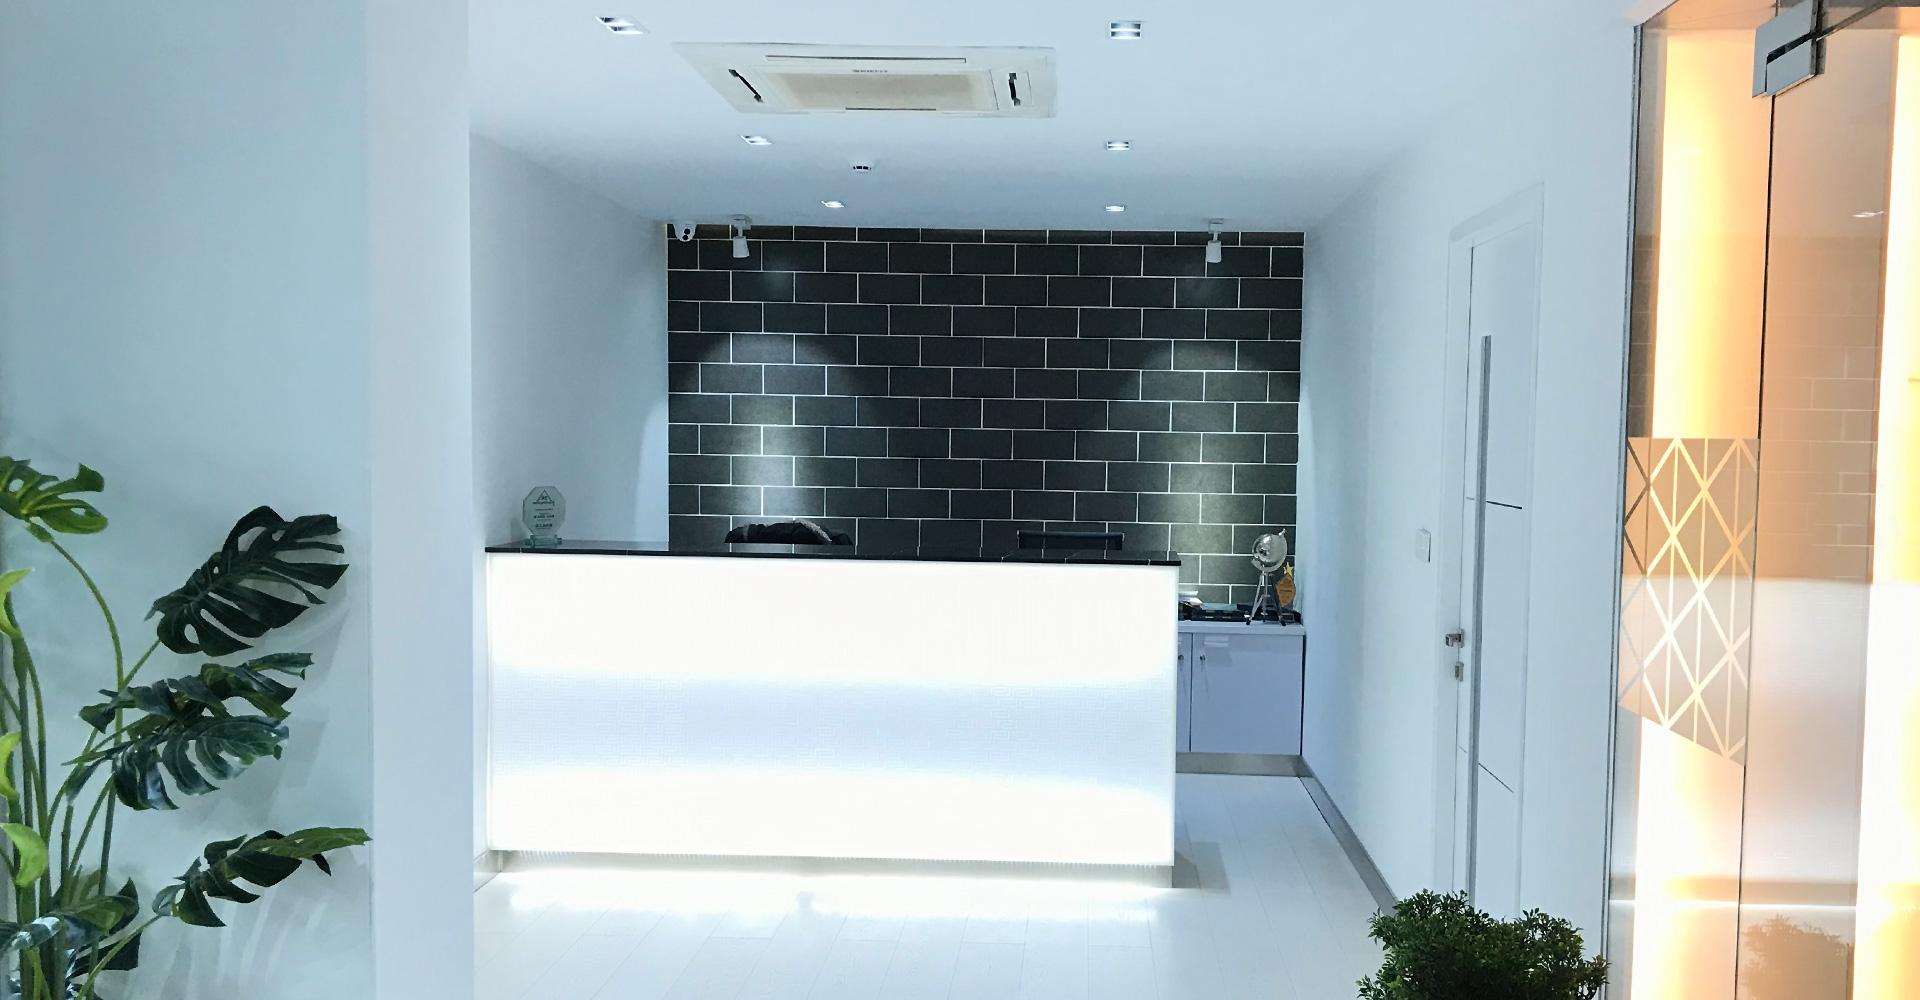 Office-Design-Hiline-Lahore-portfolio-Qlinks-Head-Office-06